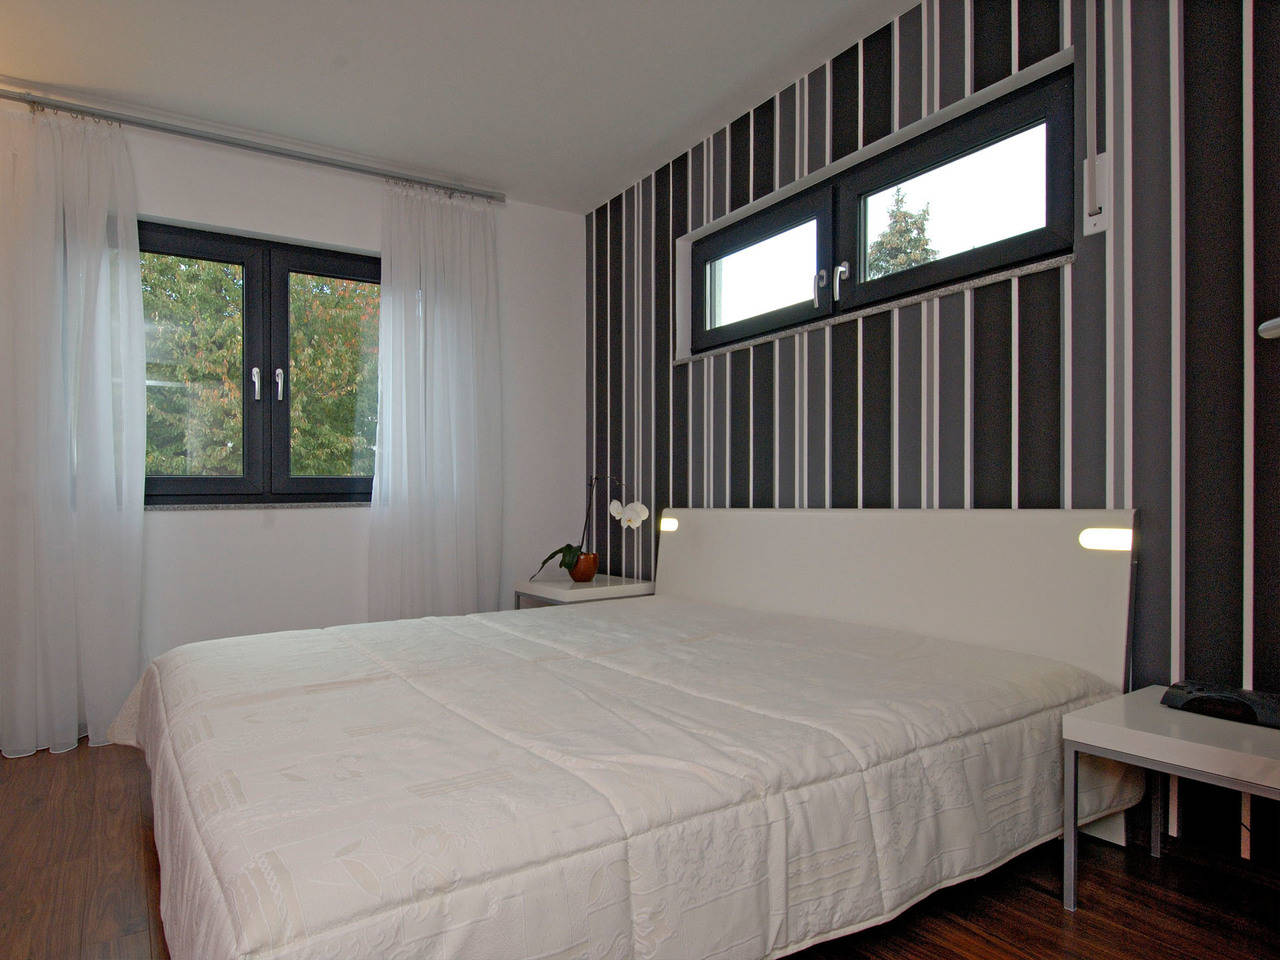 Haus Becker Fertighaus Weiss Schlafzimmer